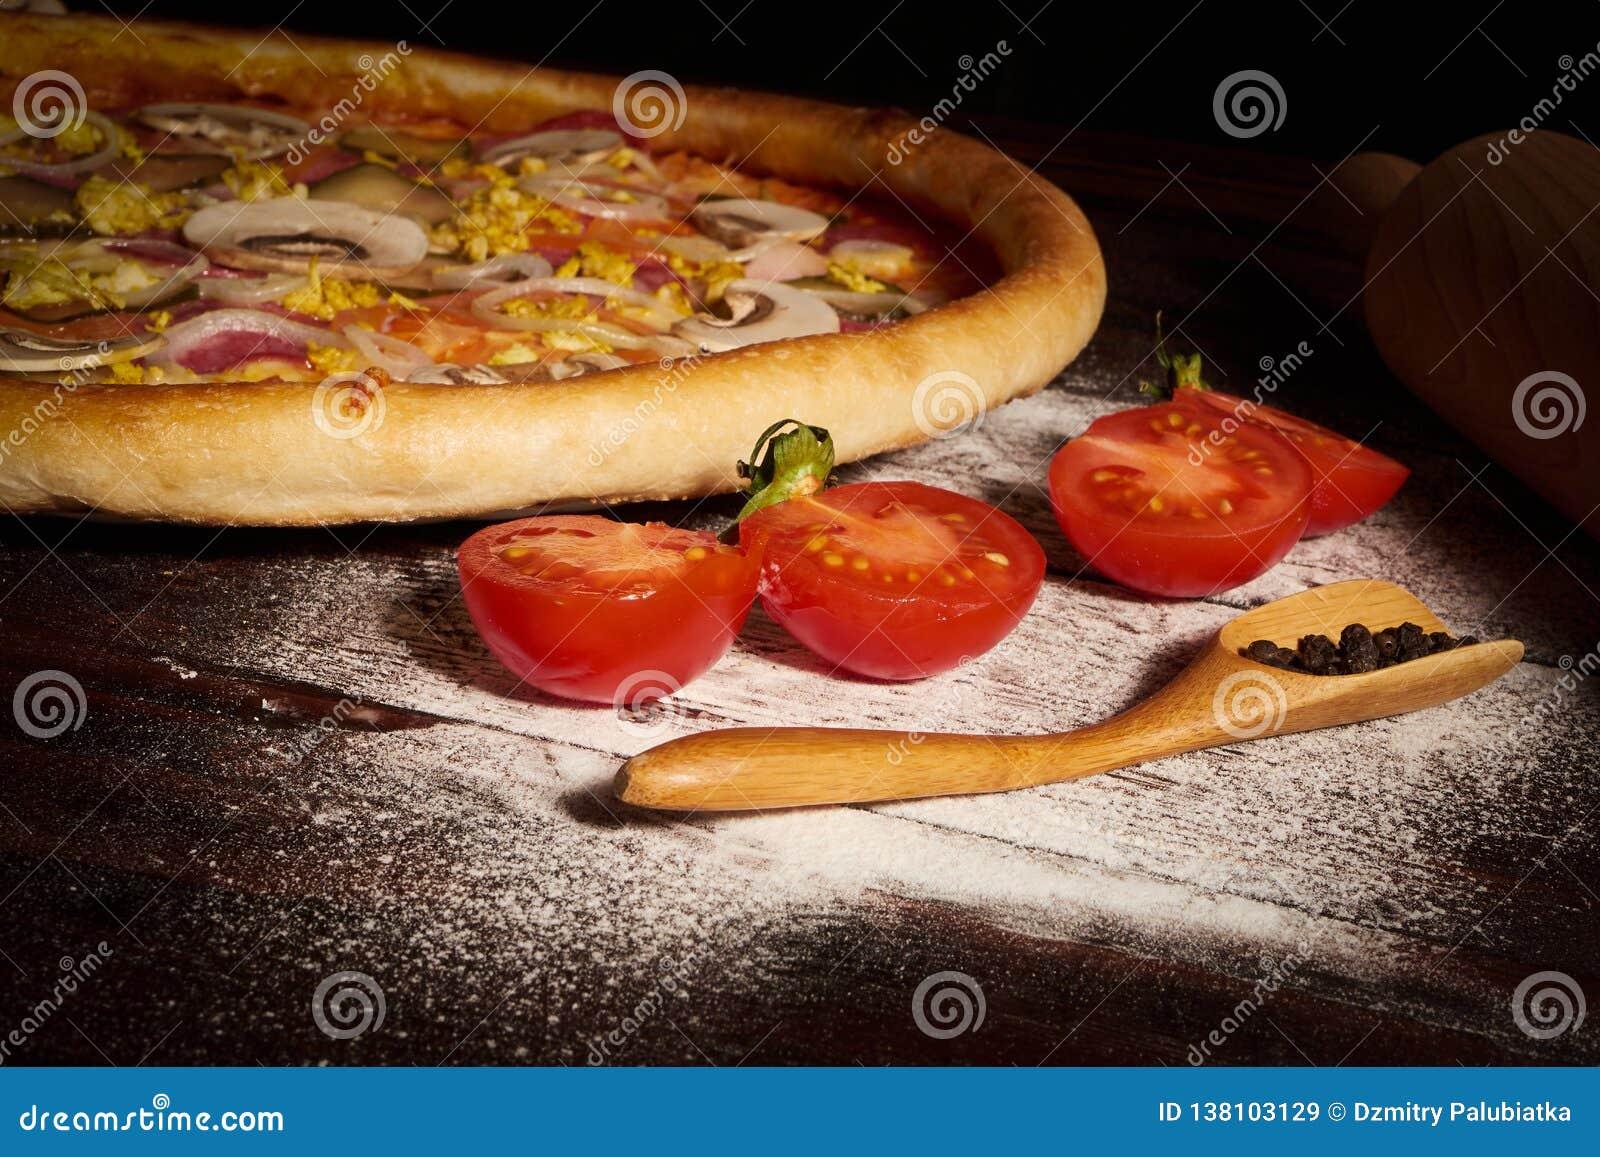 Wyśmienicie owocych morzy mussels i garneli pizza na czarnym drewnianym stole składniki żywności kulinarni włoskich Odgórny widok